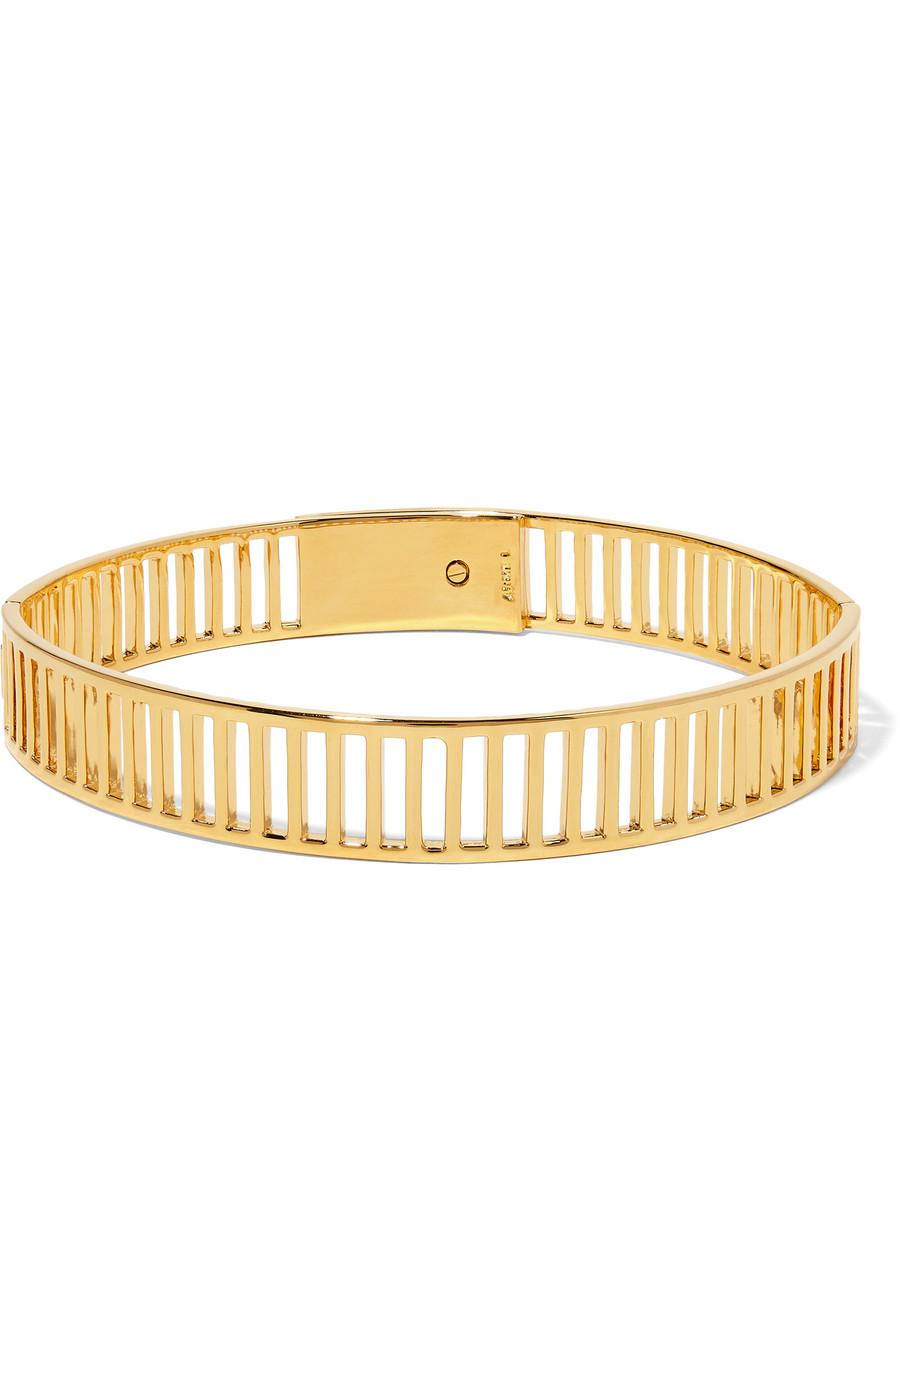 Arme De L'amour Simple Stripe Gold-Plated Choker, Women's